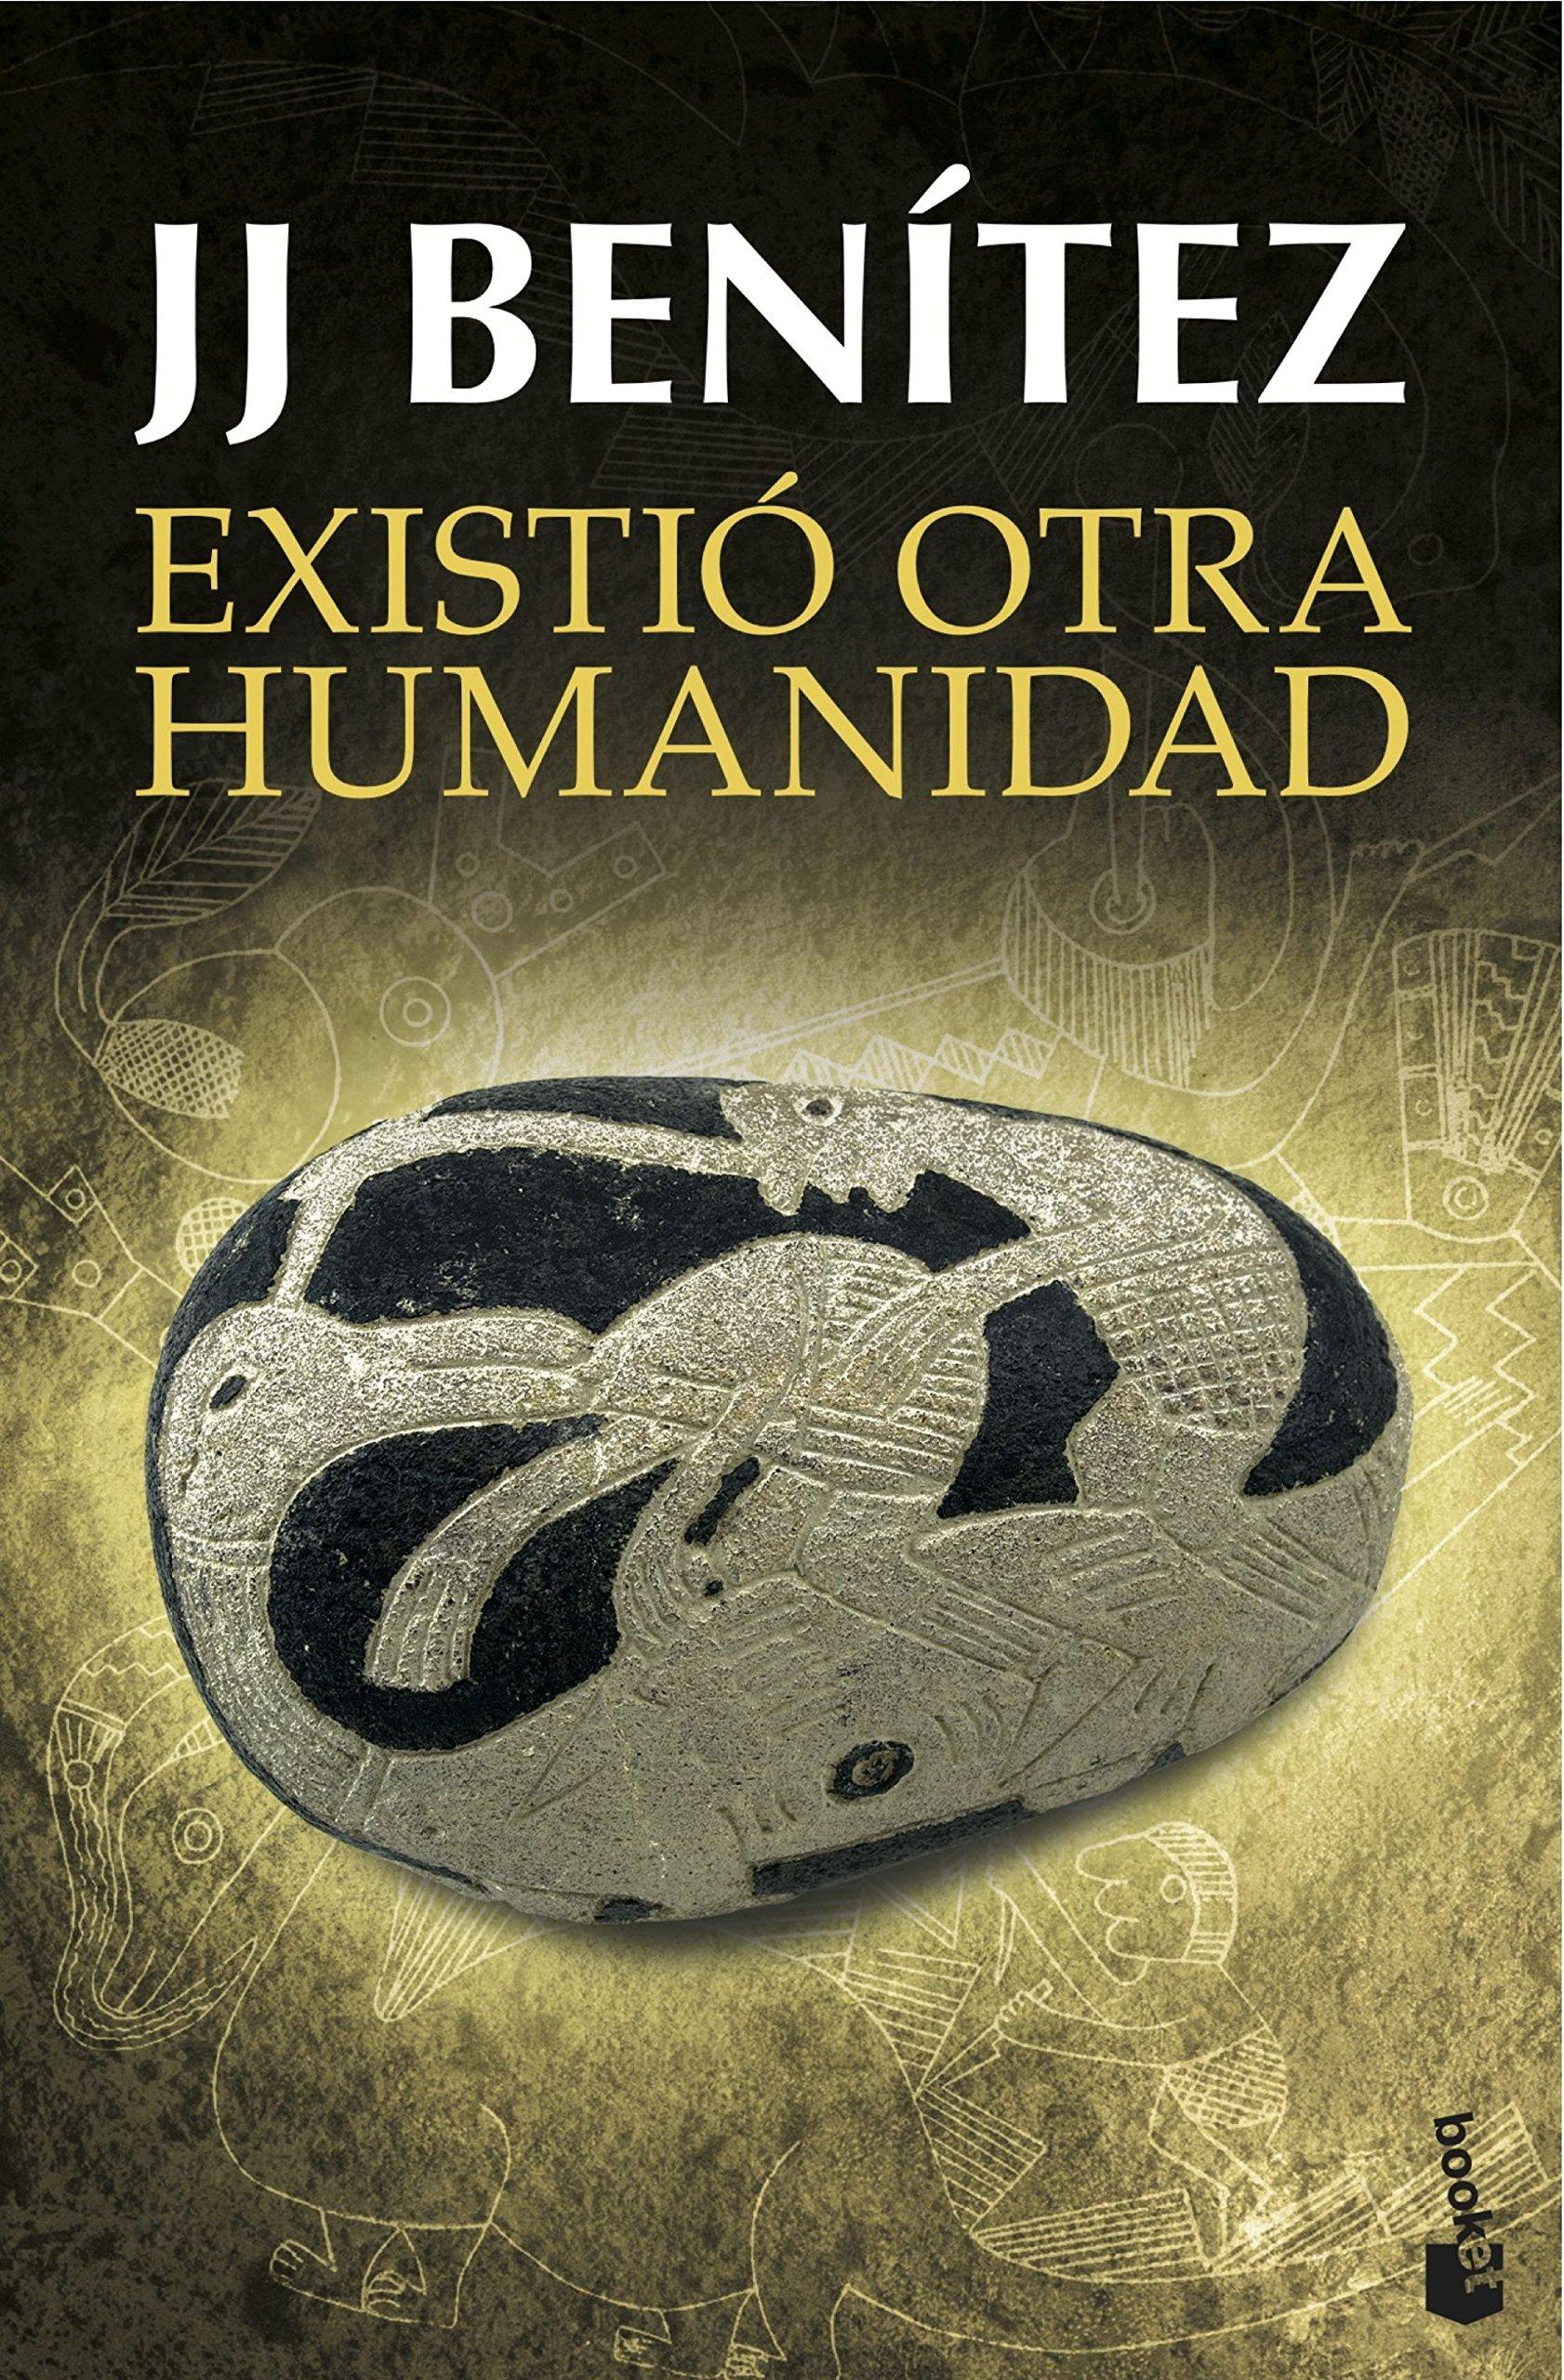 Existió otra humanidad: 2 (Biblioteca J. J. Benítez): Amazon.es ...